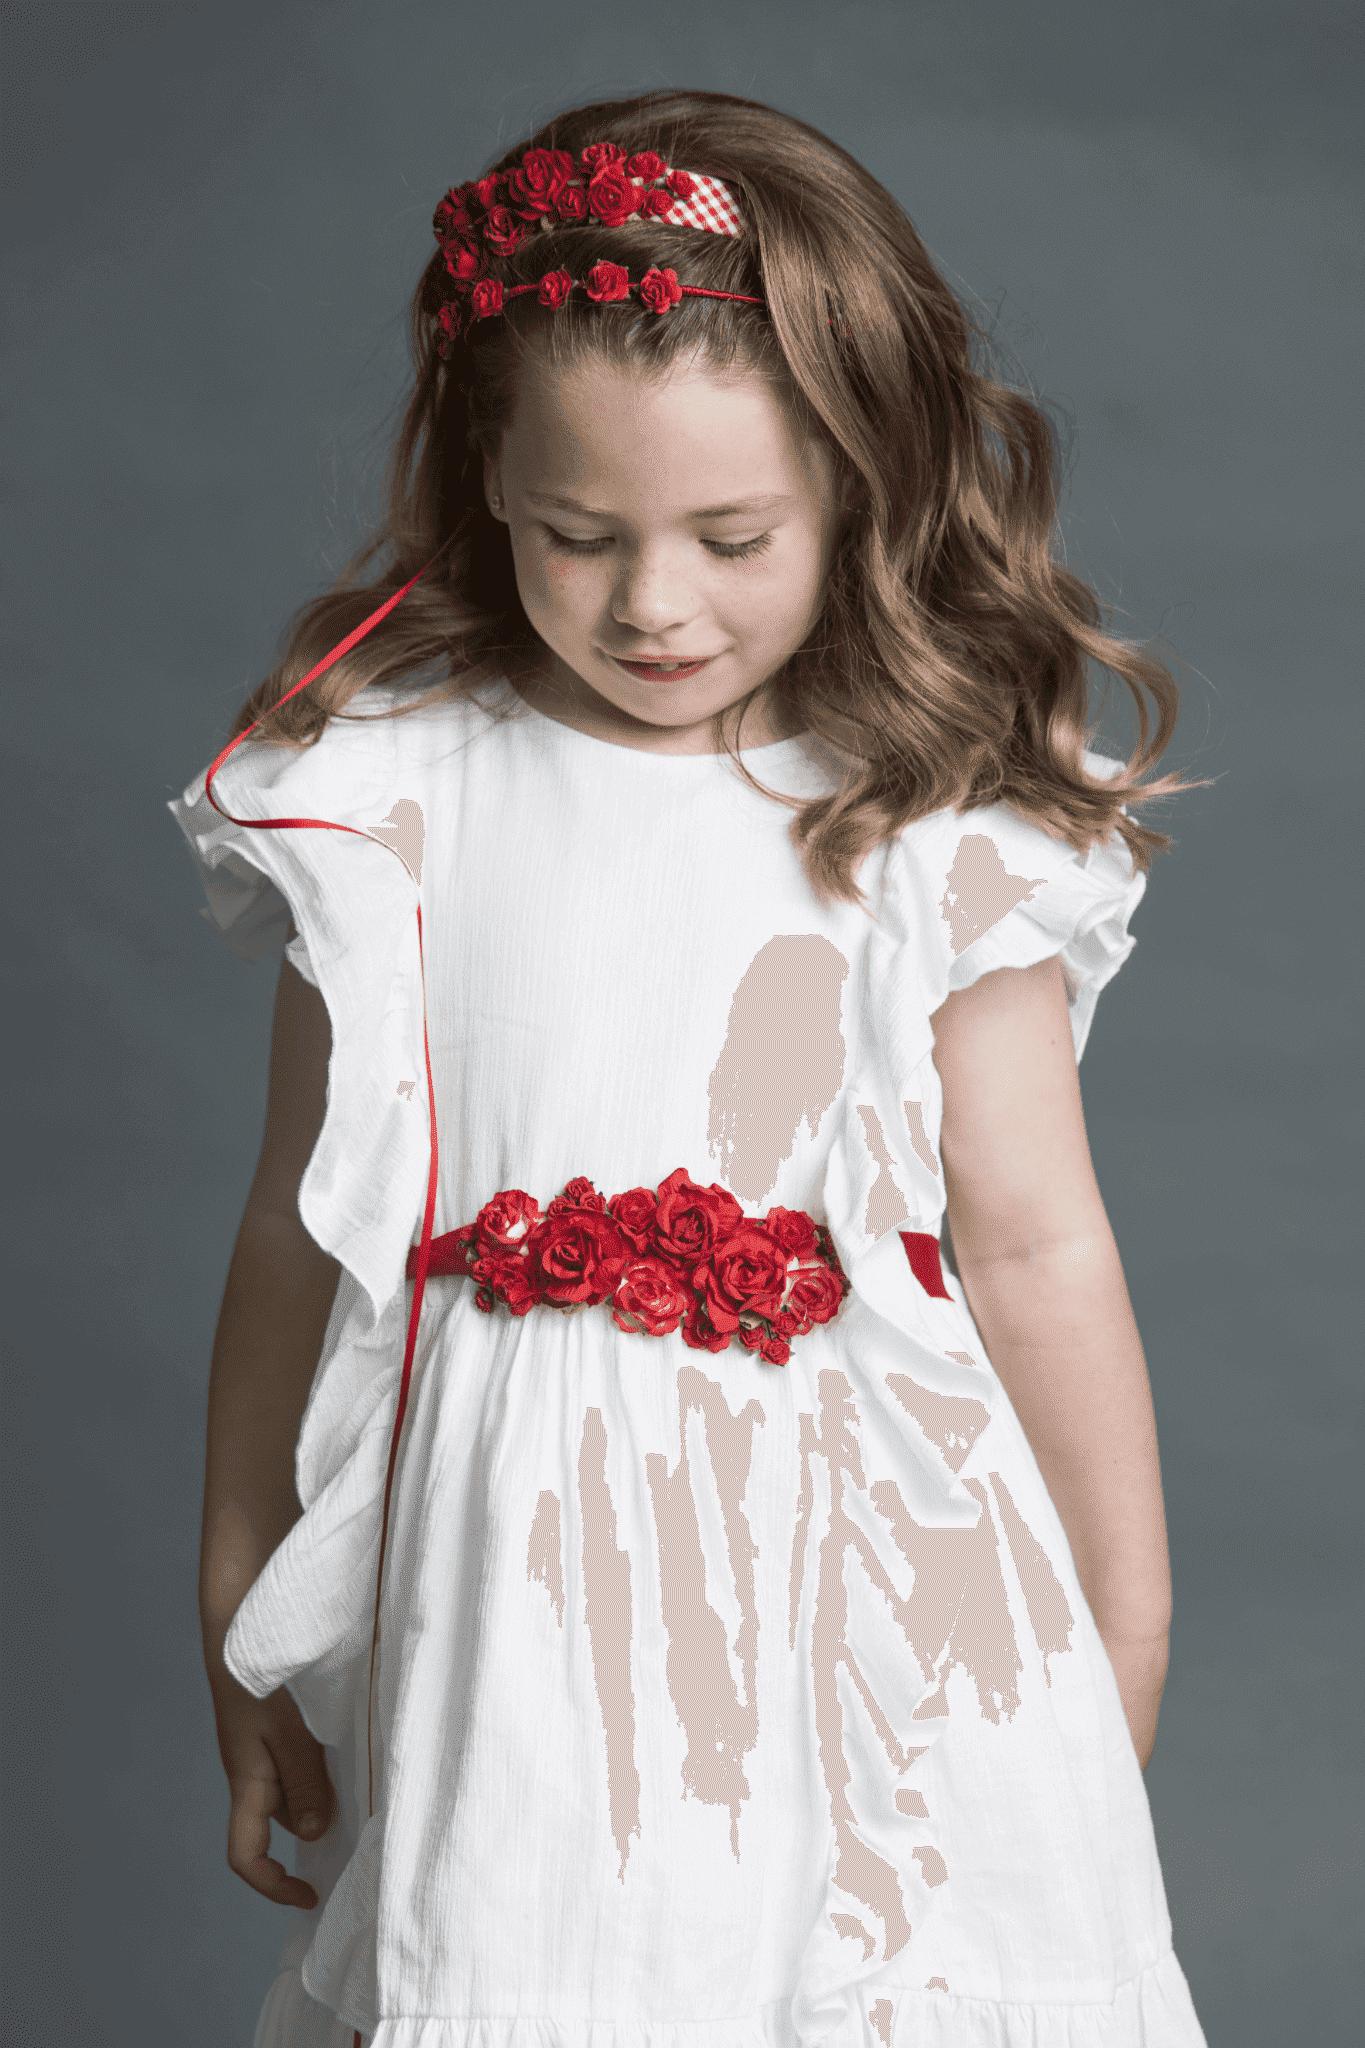 Peinado niña suelto con adornos de rosas